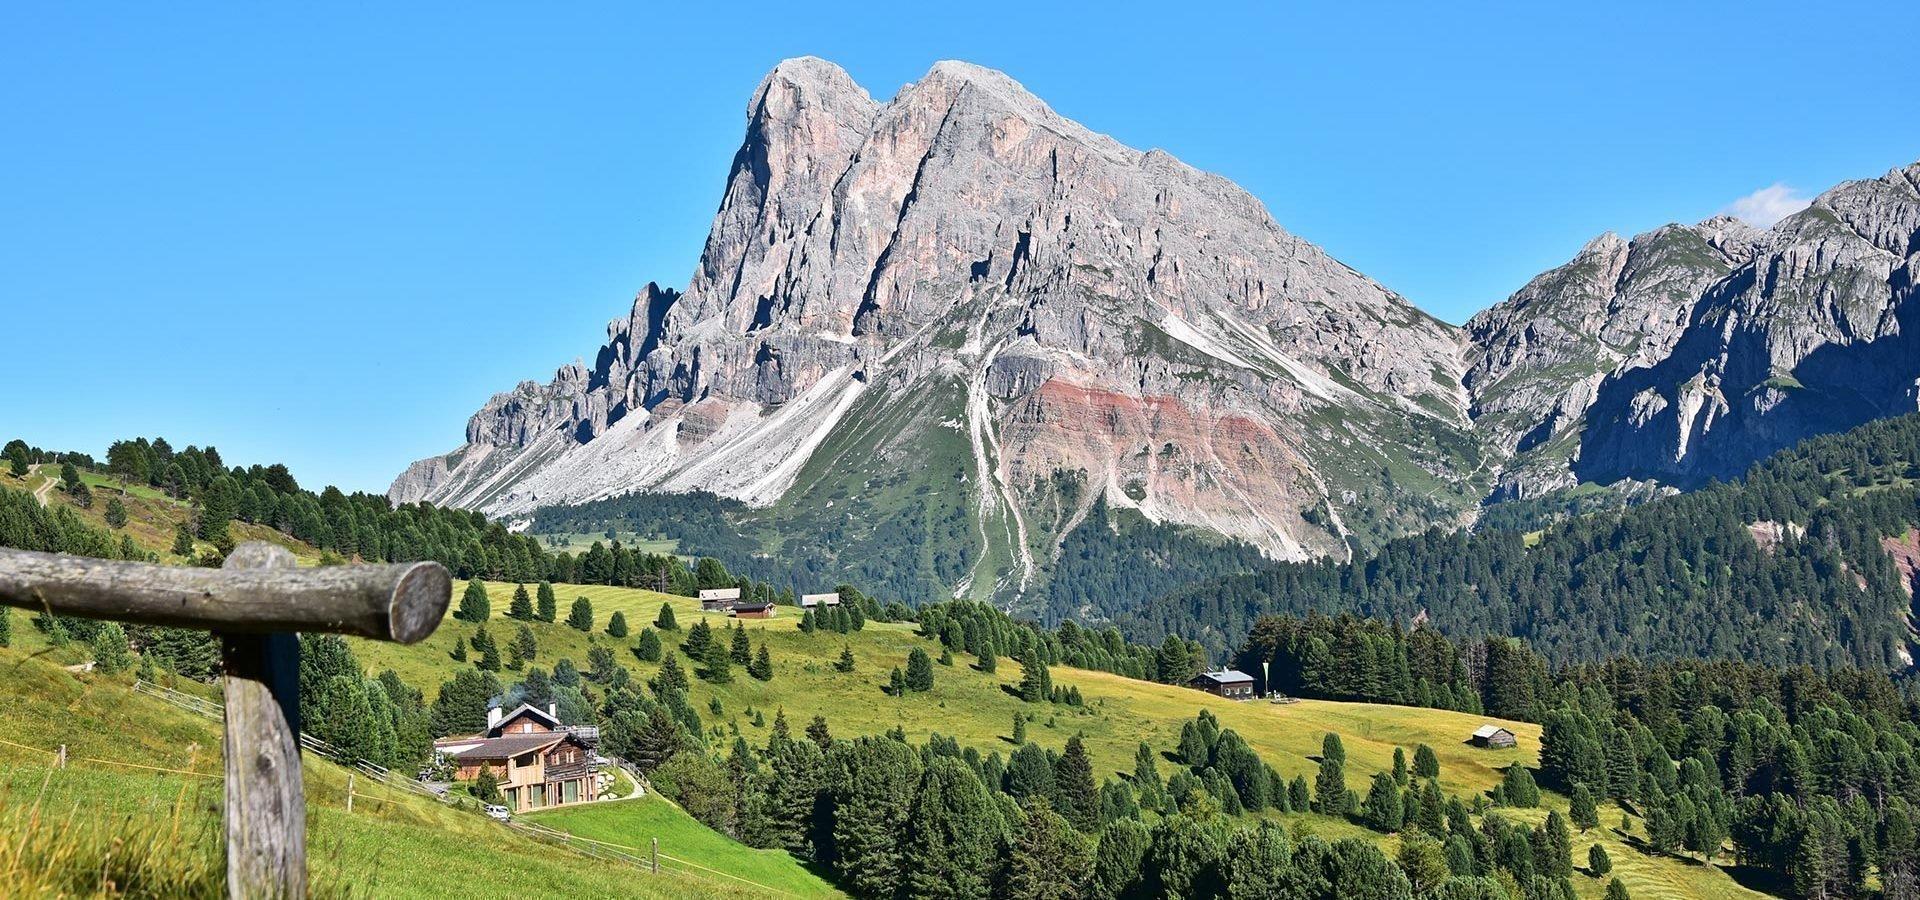 Urlaub auf dem Bauernhof in Lüsen/Südtirol am Grosskarneid-Hof